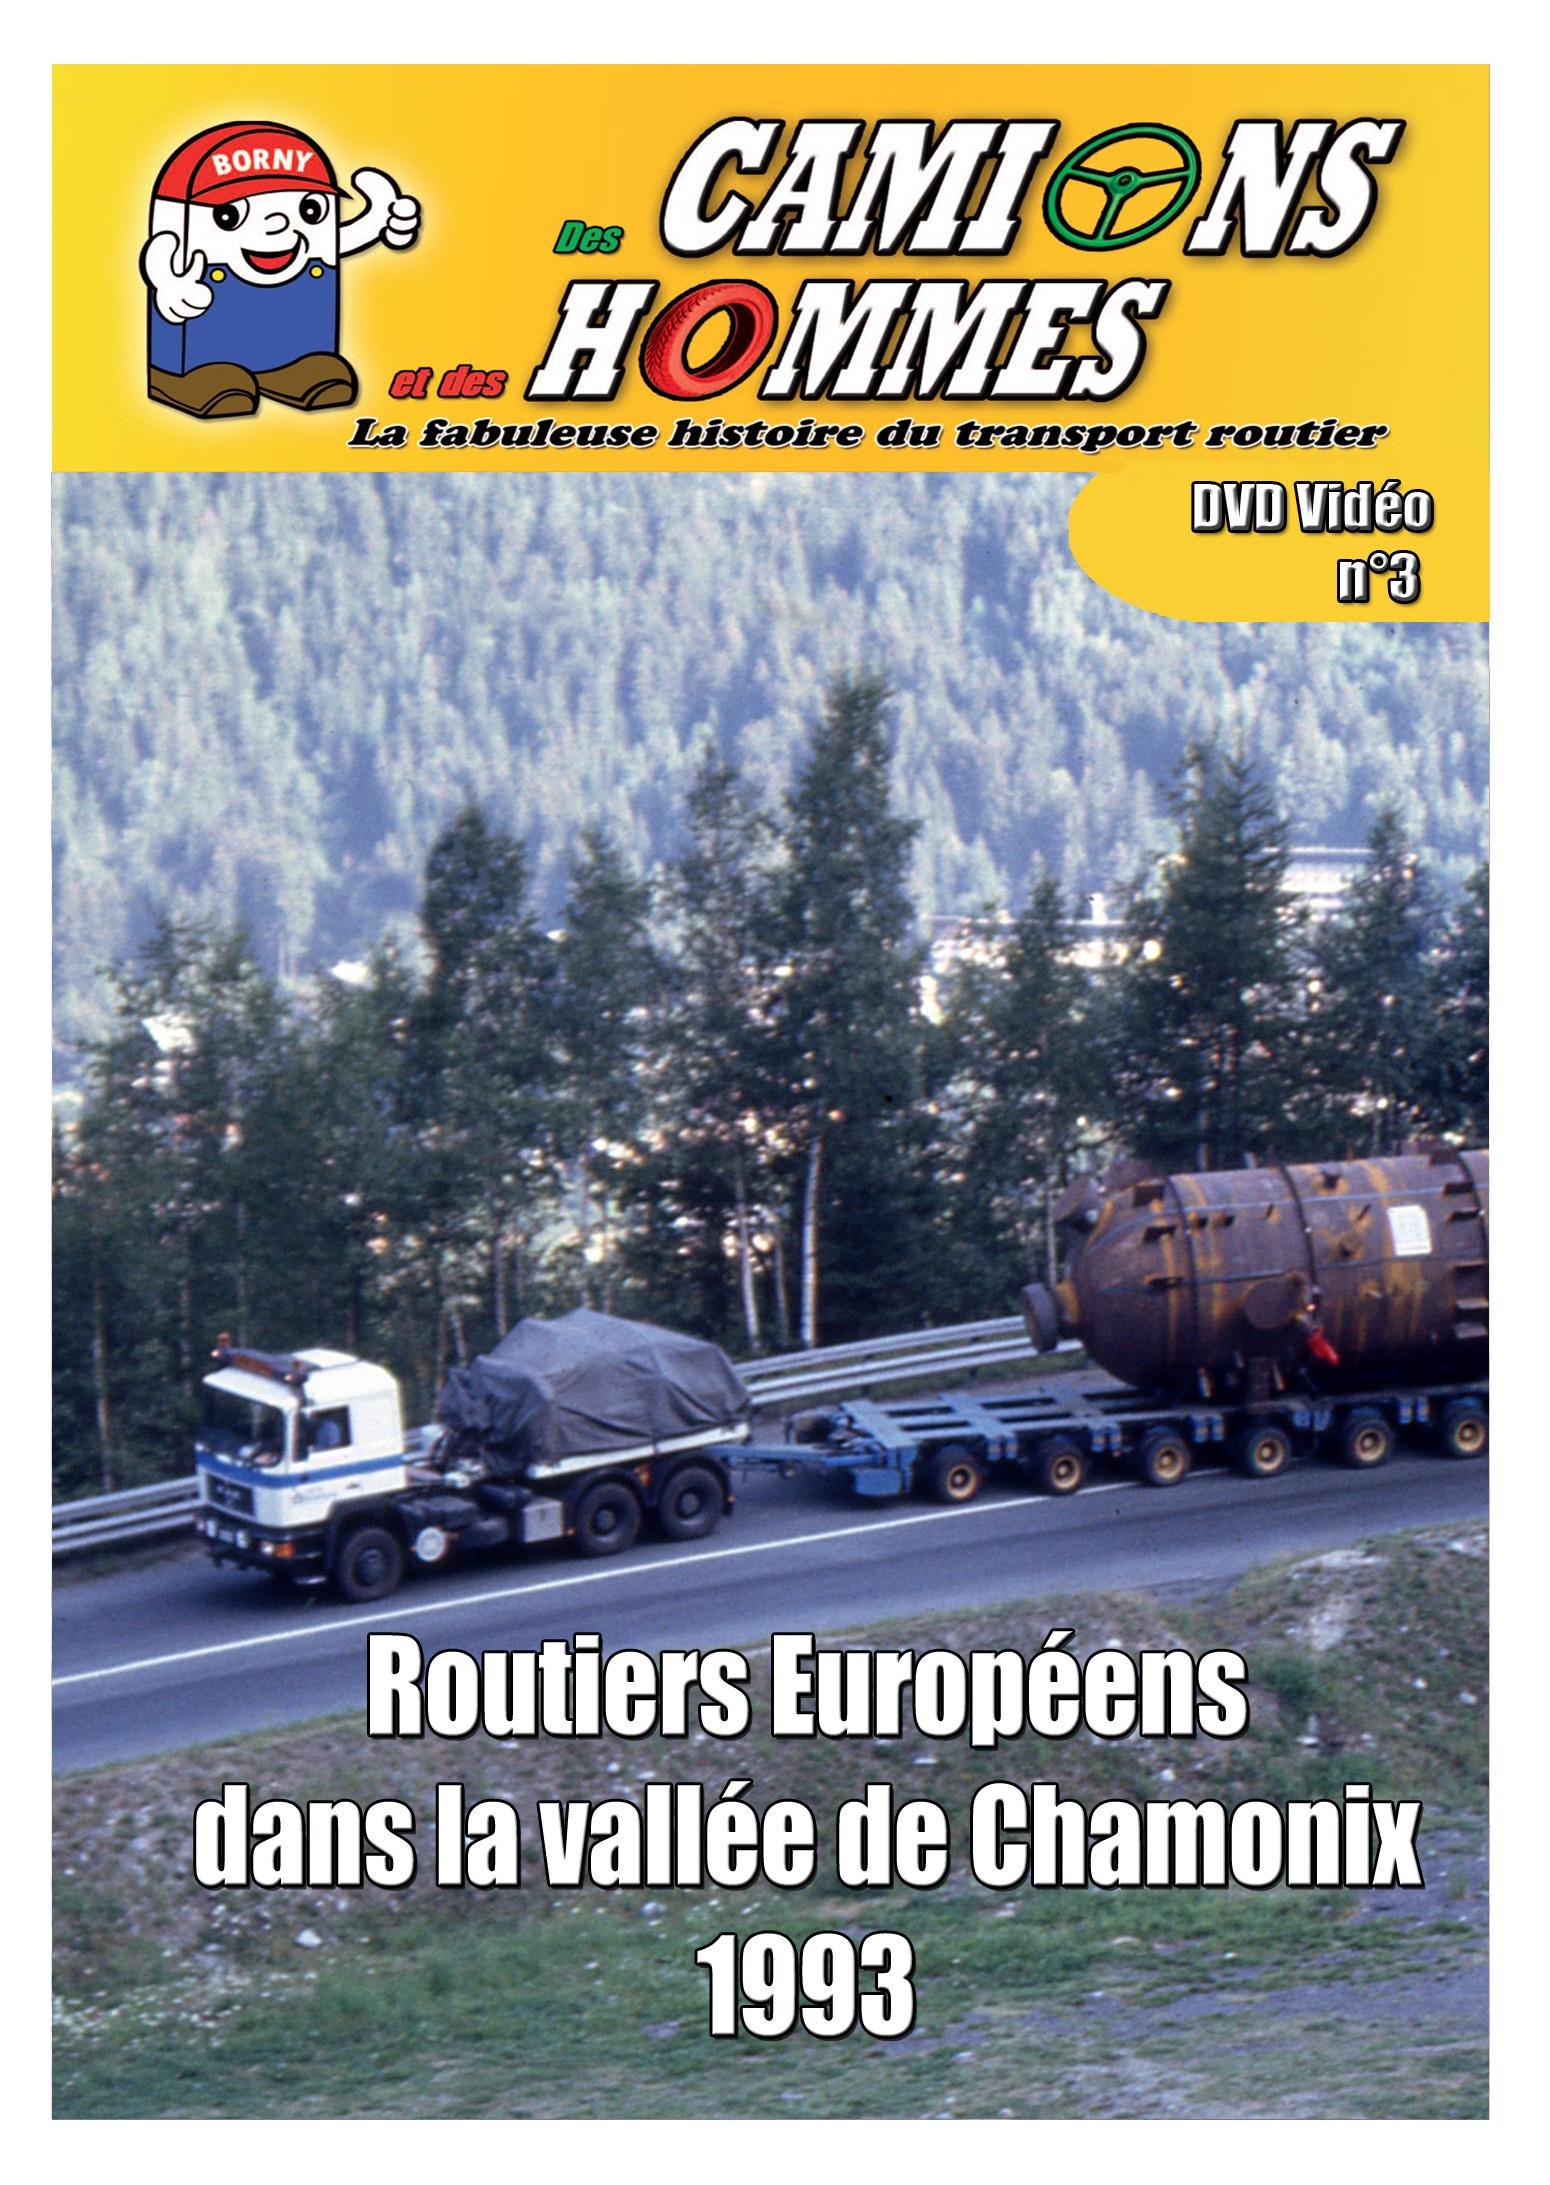 Routiers Européens dans la vallée de Chamonix 1993 partie 1